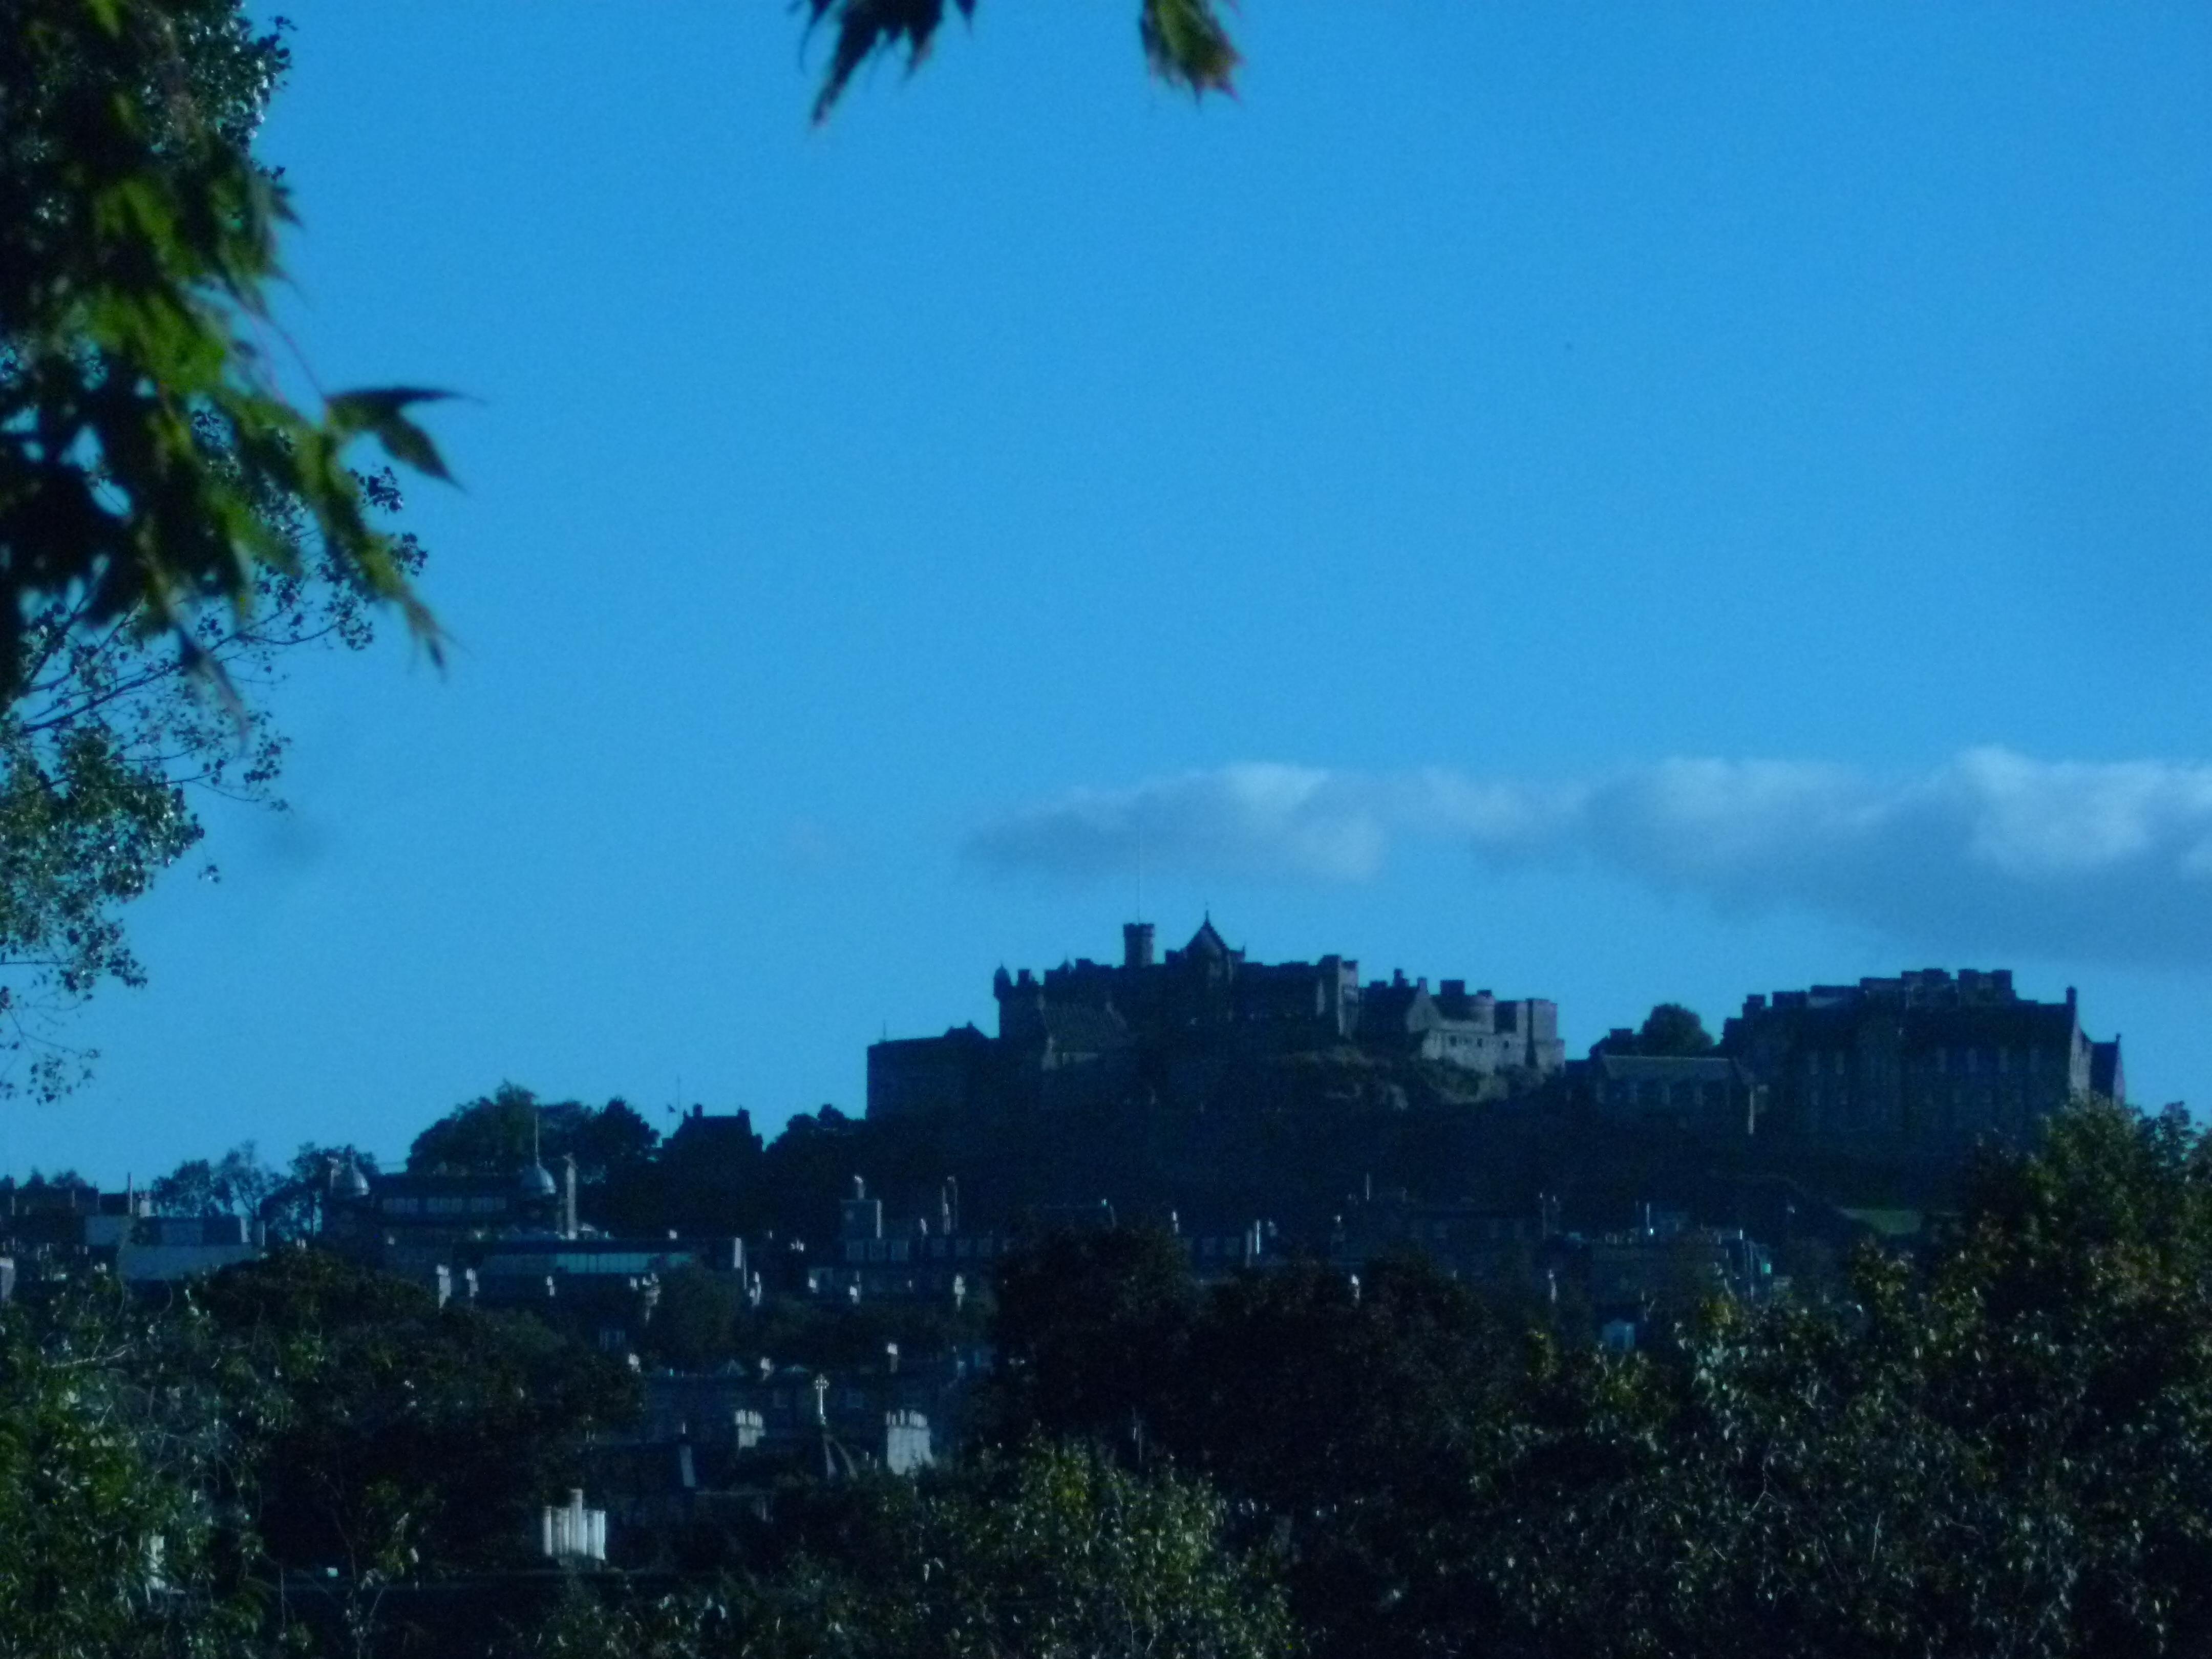 Le fameux château, symbole de la ville d'Edimbourg